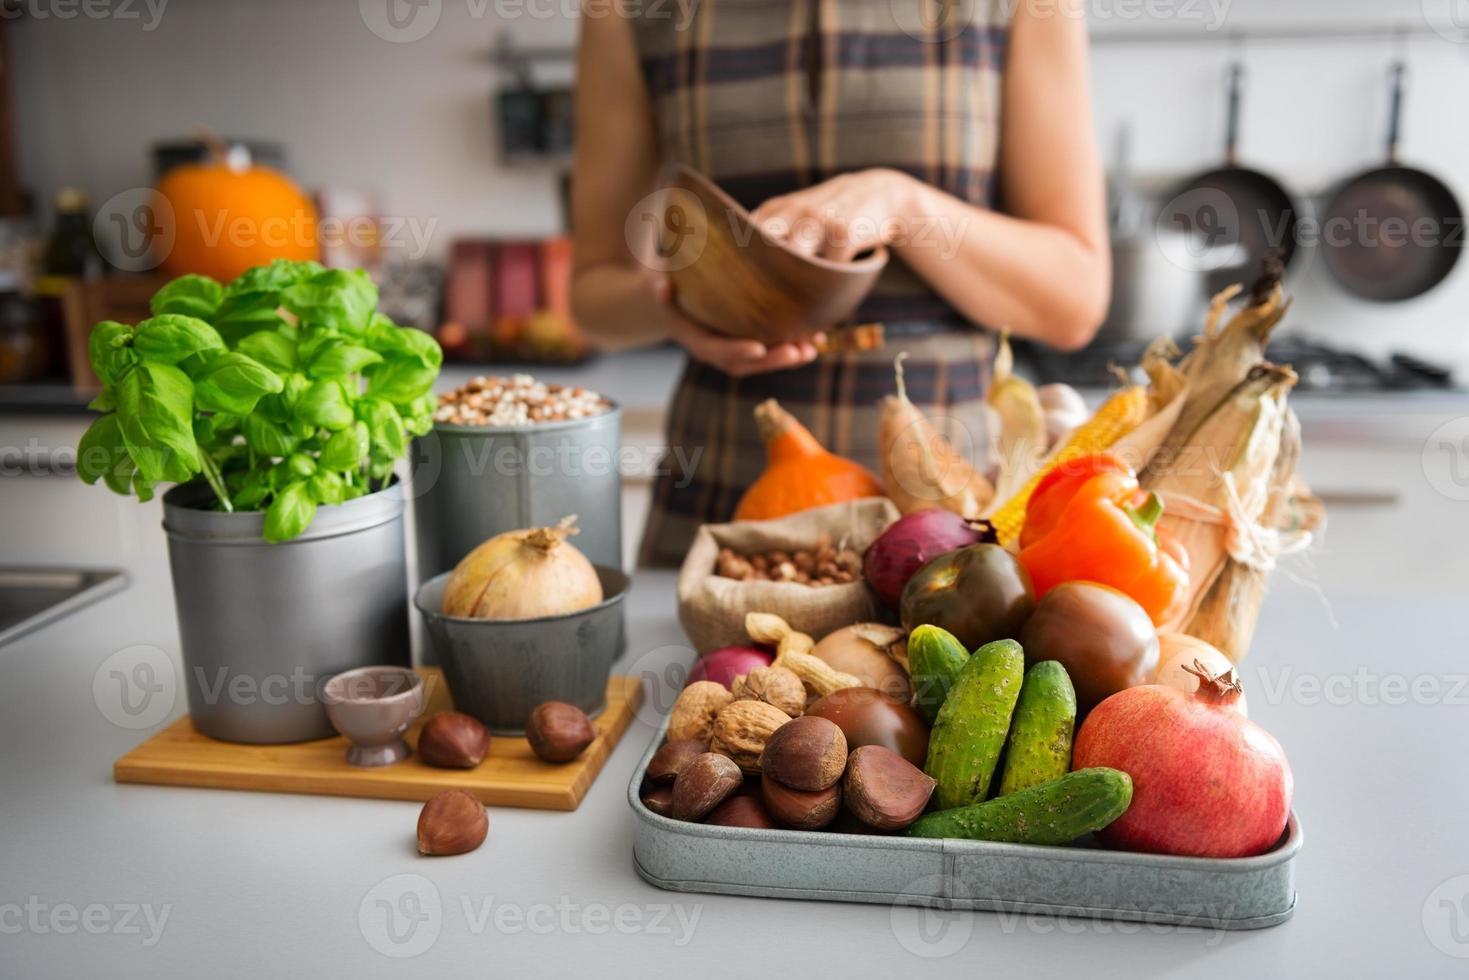 seleção de outono frutas e legumes no balcão da cozinha foto